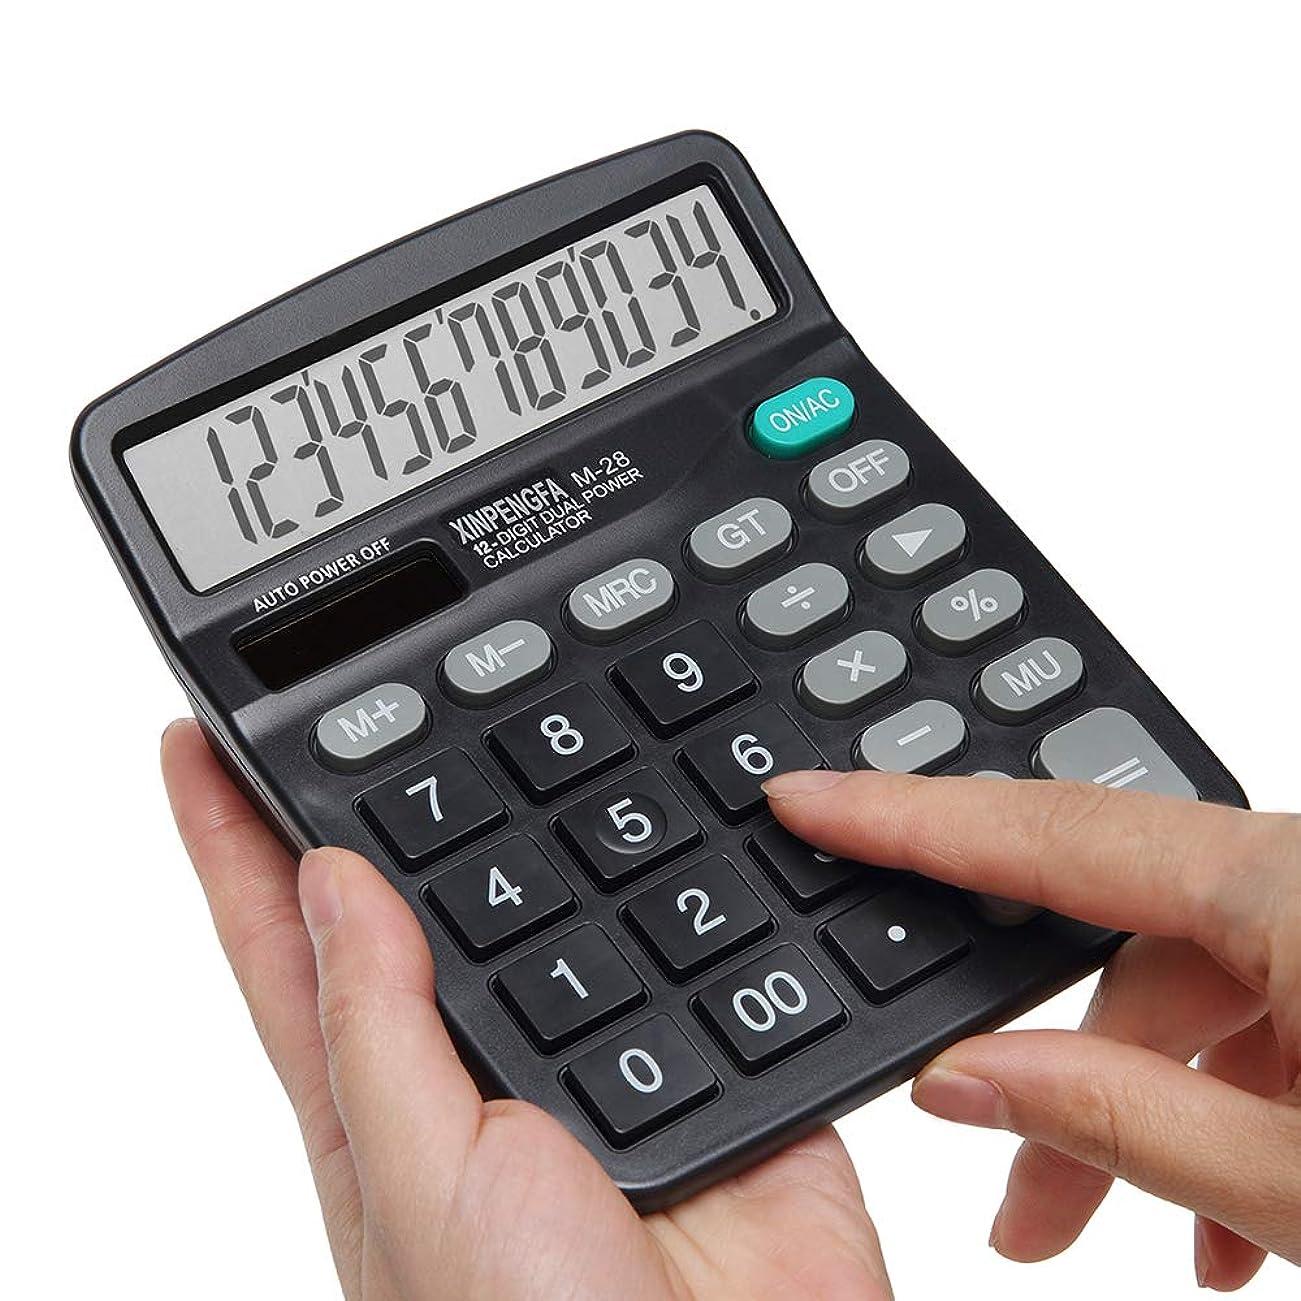 正当なバックアップ割り当てXinpengfa電卓 ソーラーバッテリー デュアルパワー 大型液晶ディスプレイ付き 12桁 基本オフィス電卓 単3電池1個付属